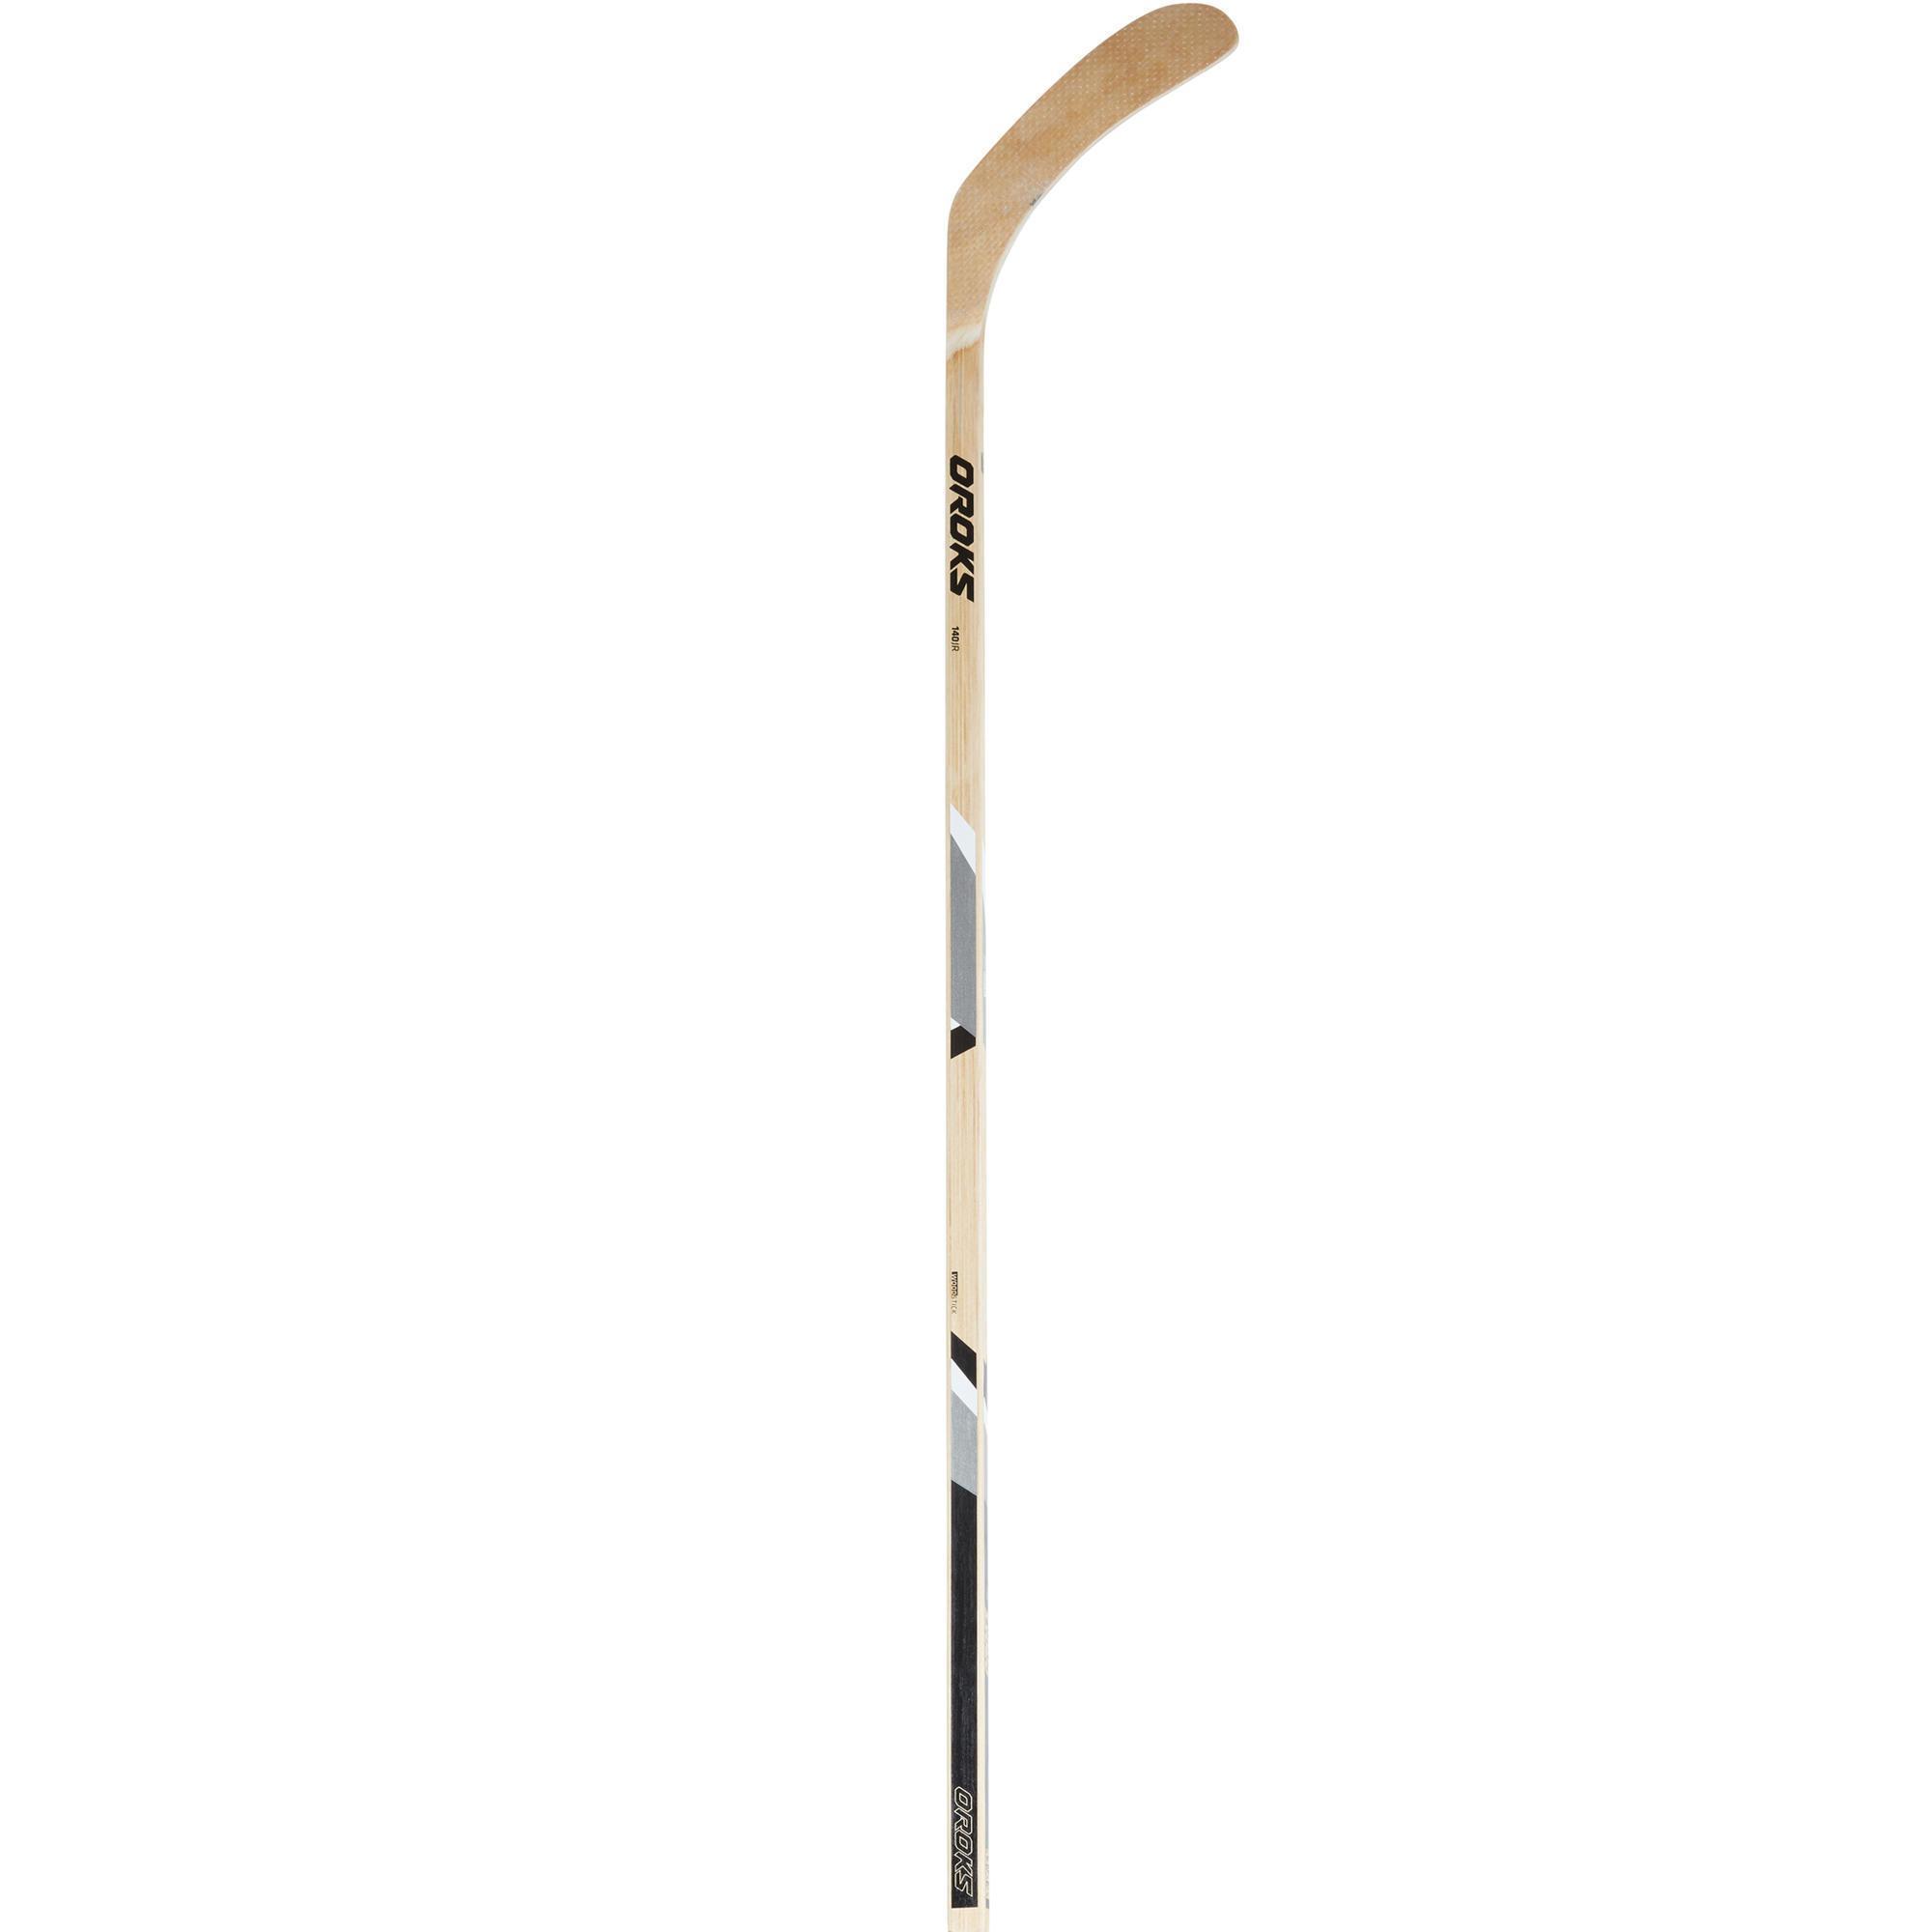 IJshockeysticks kopen met voordeel